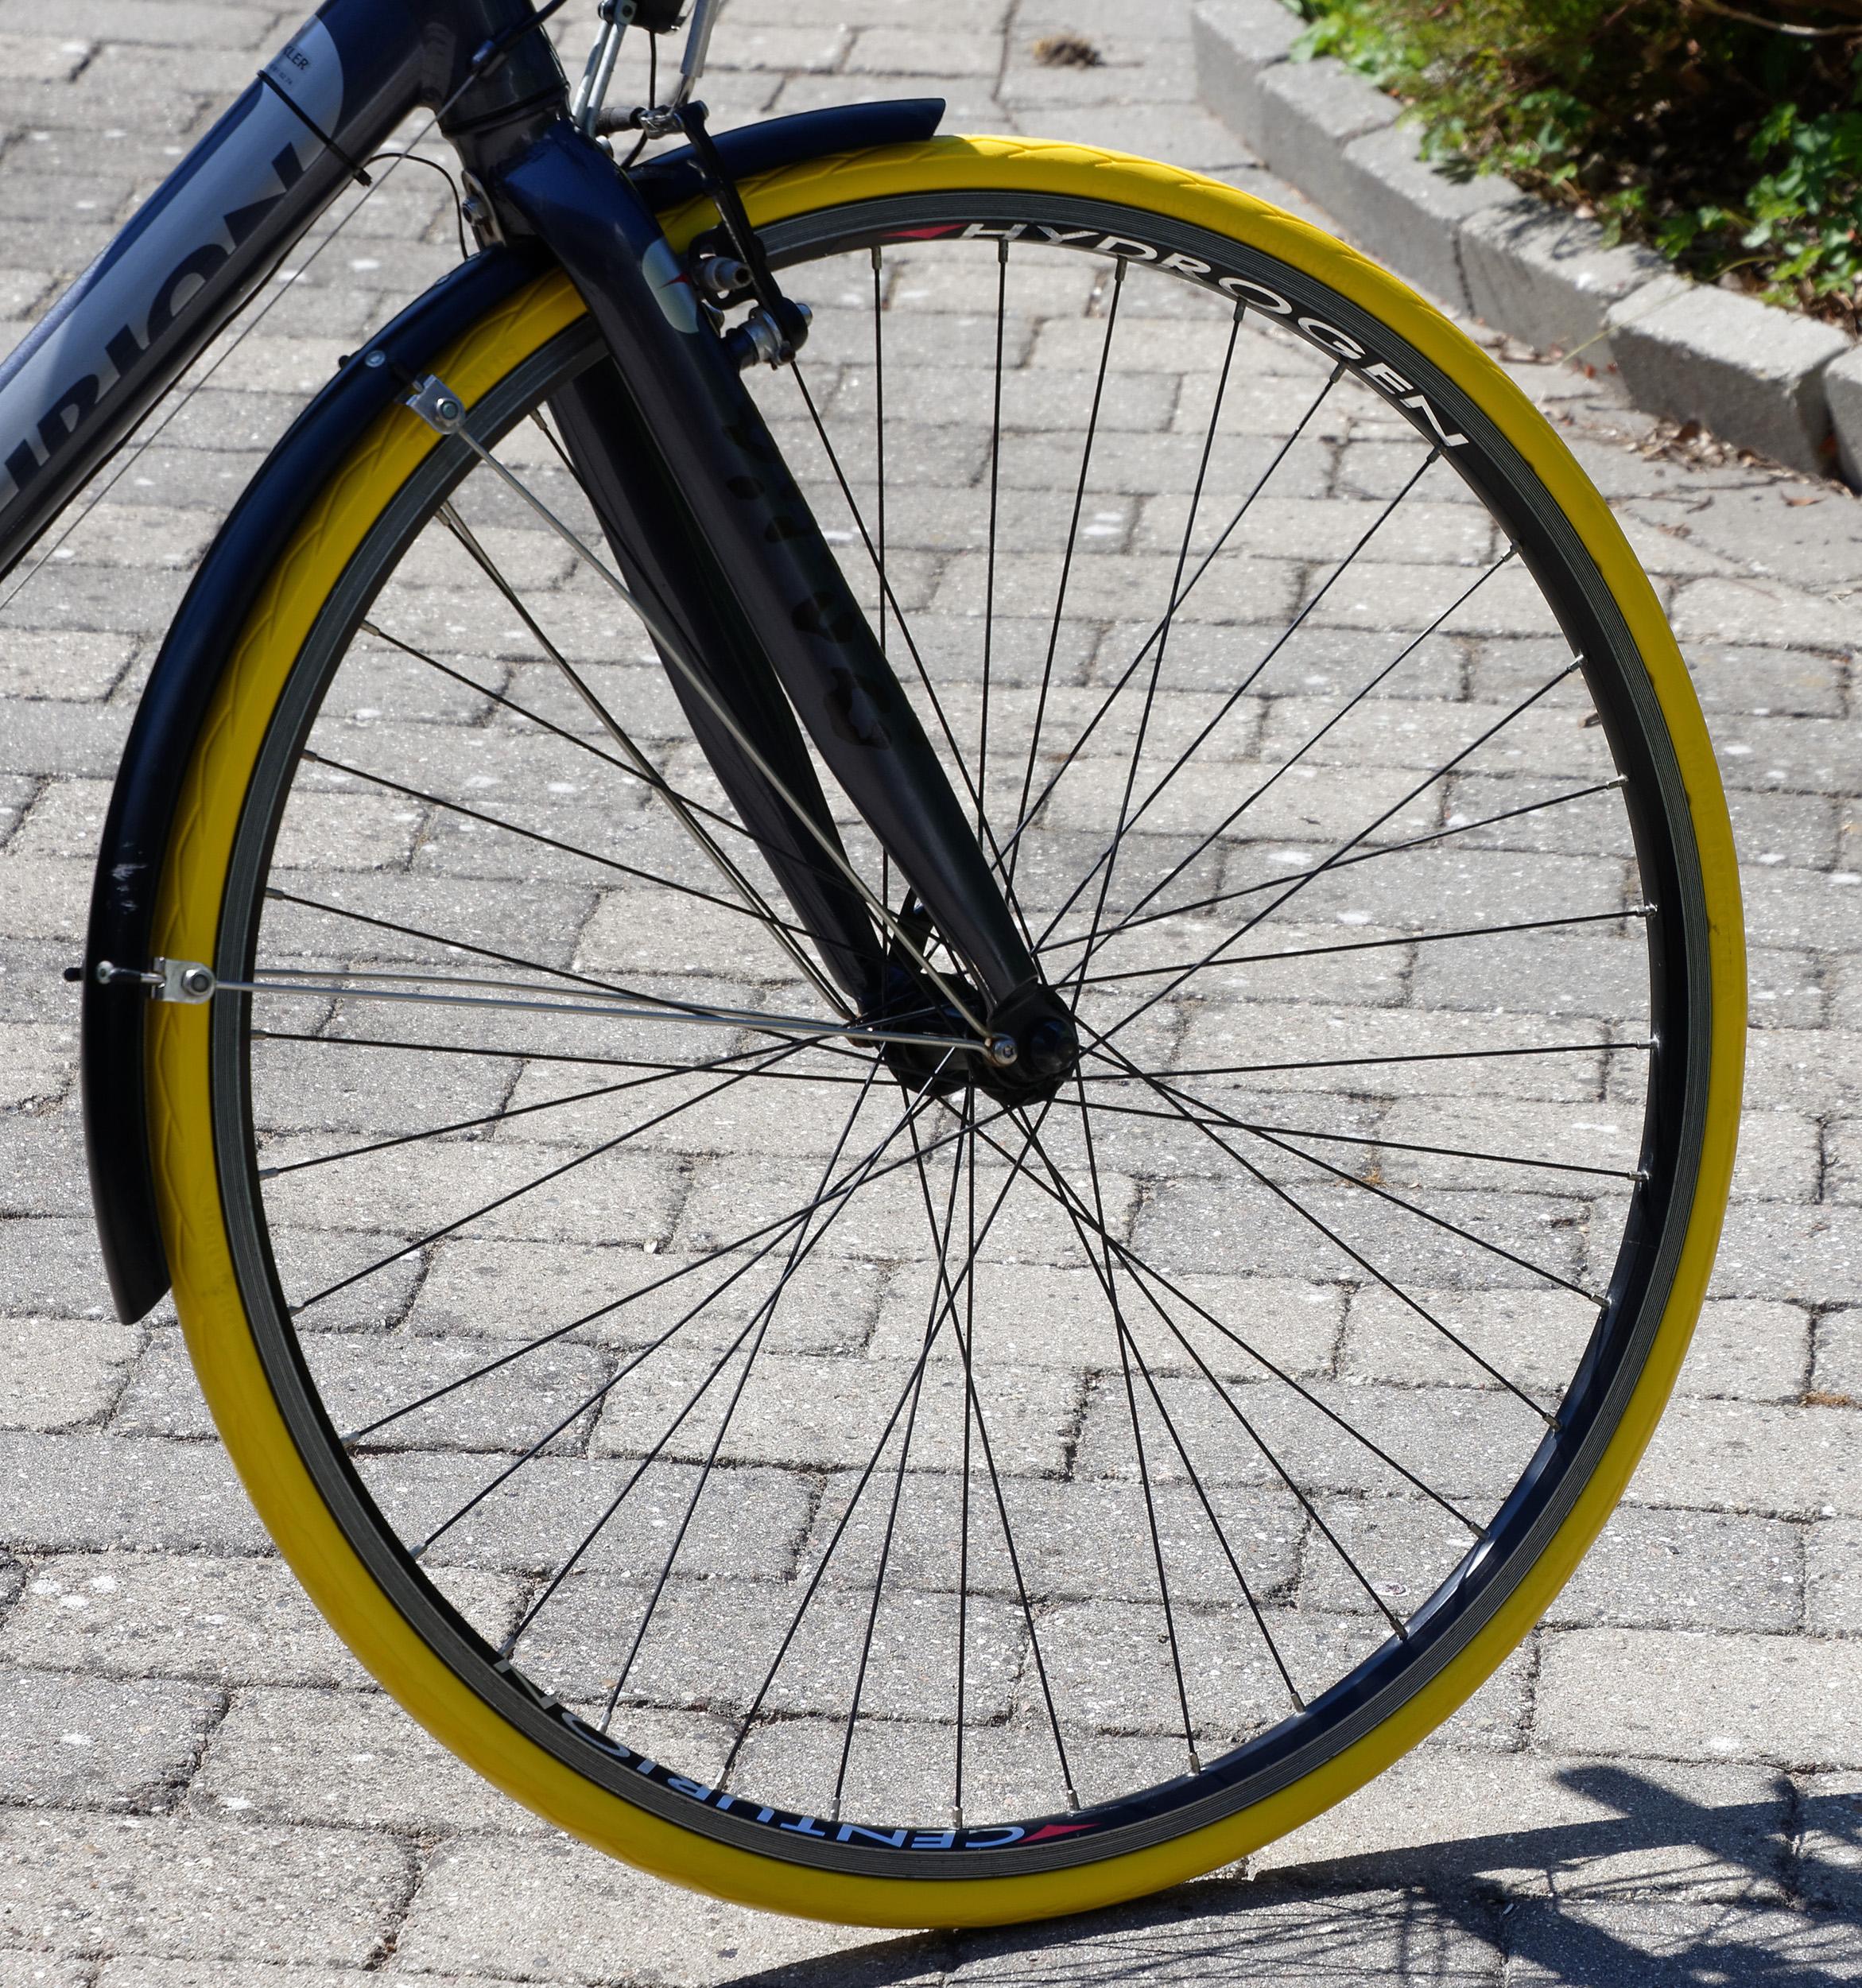 Gule cykeldæk